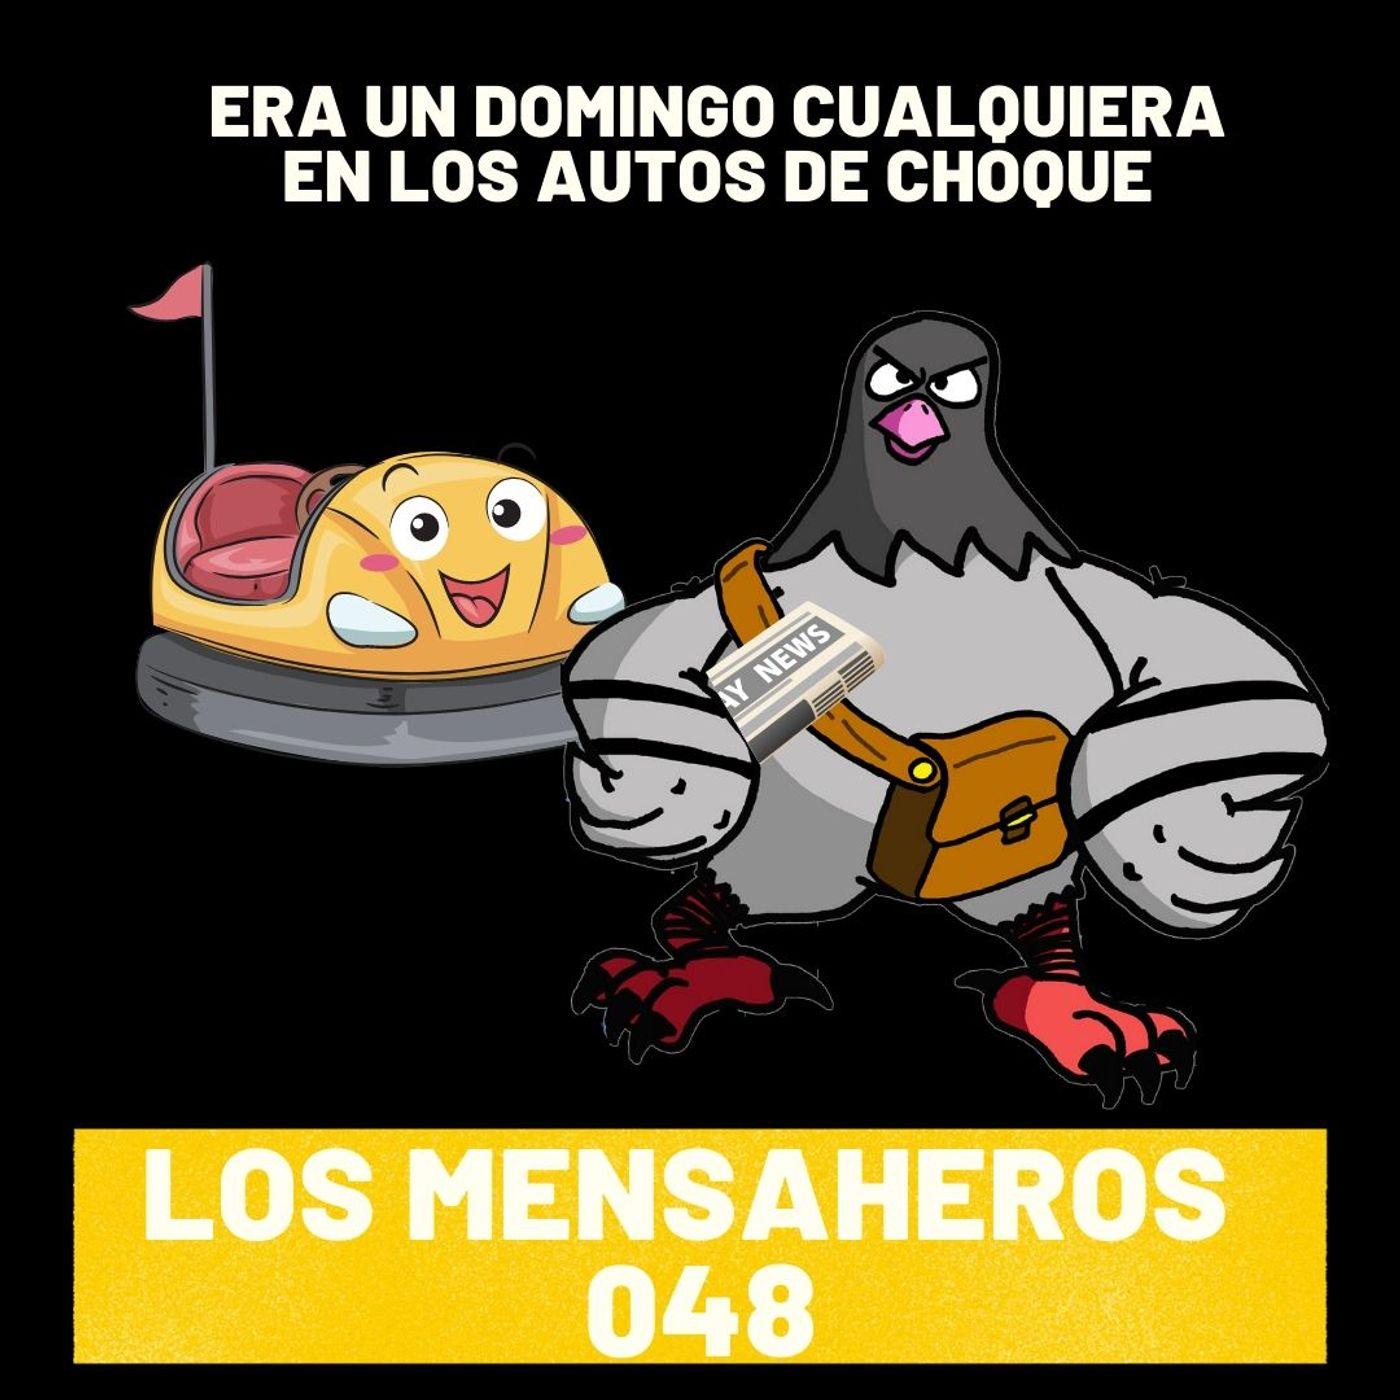 048 Era un domingo cualquiera en los autos de choque @losmensaheros